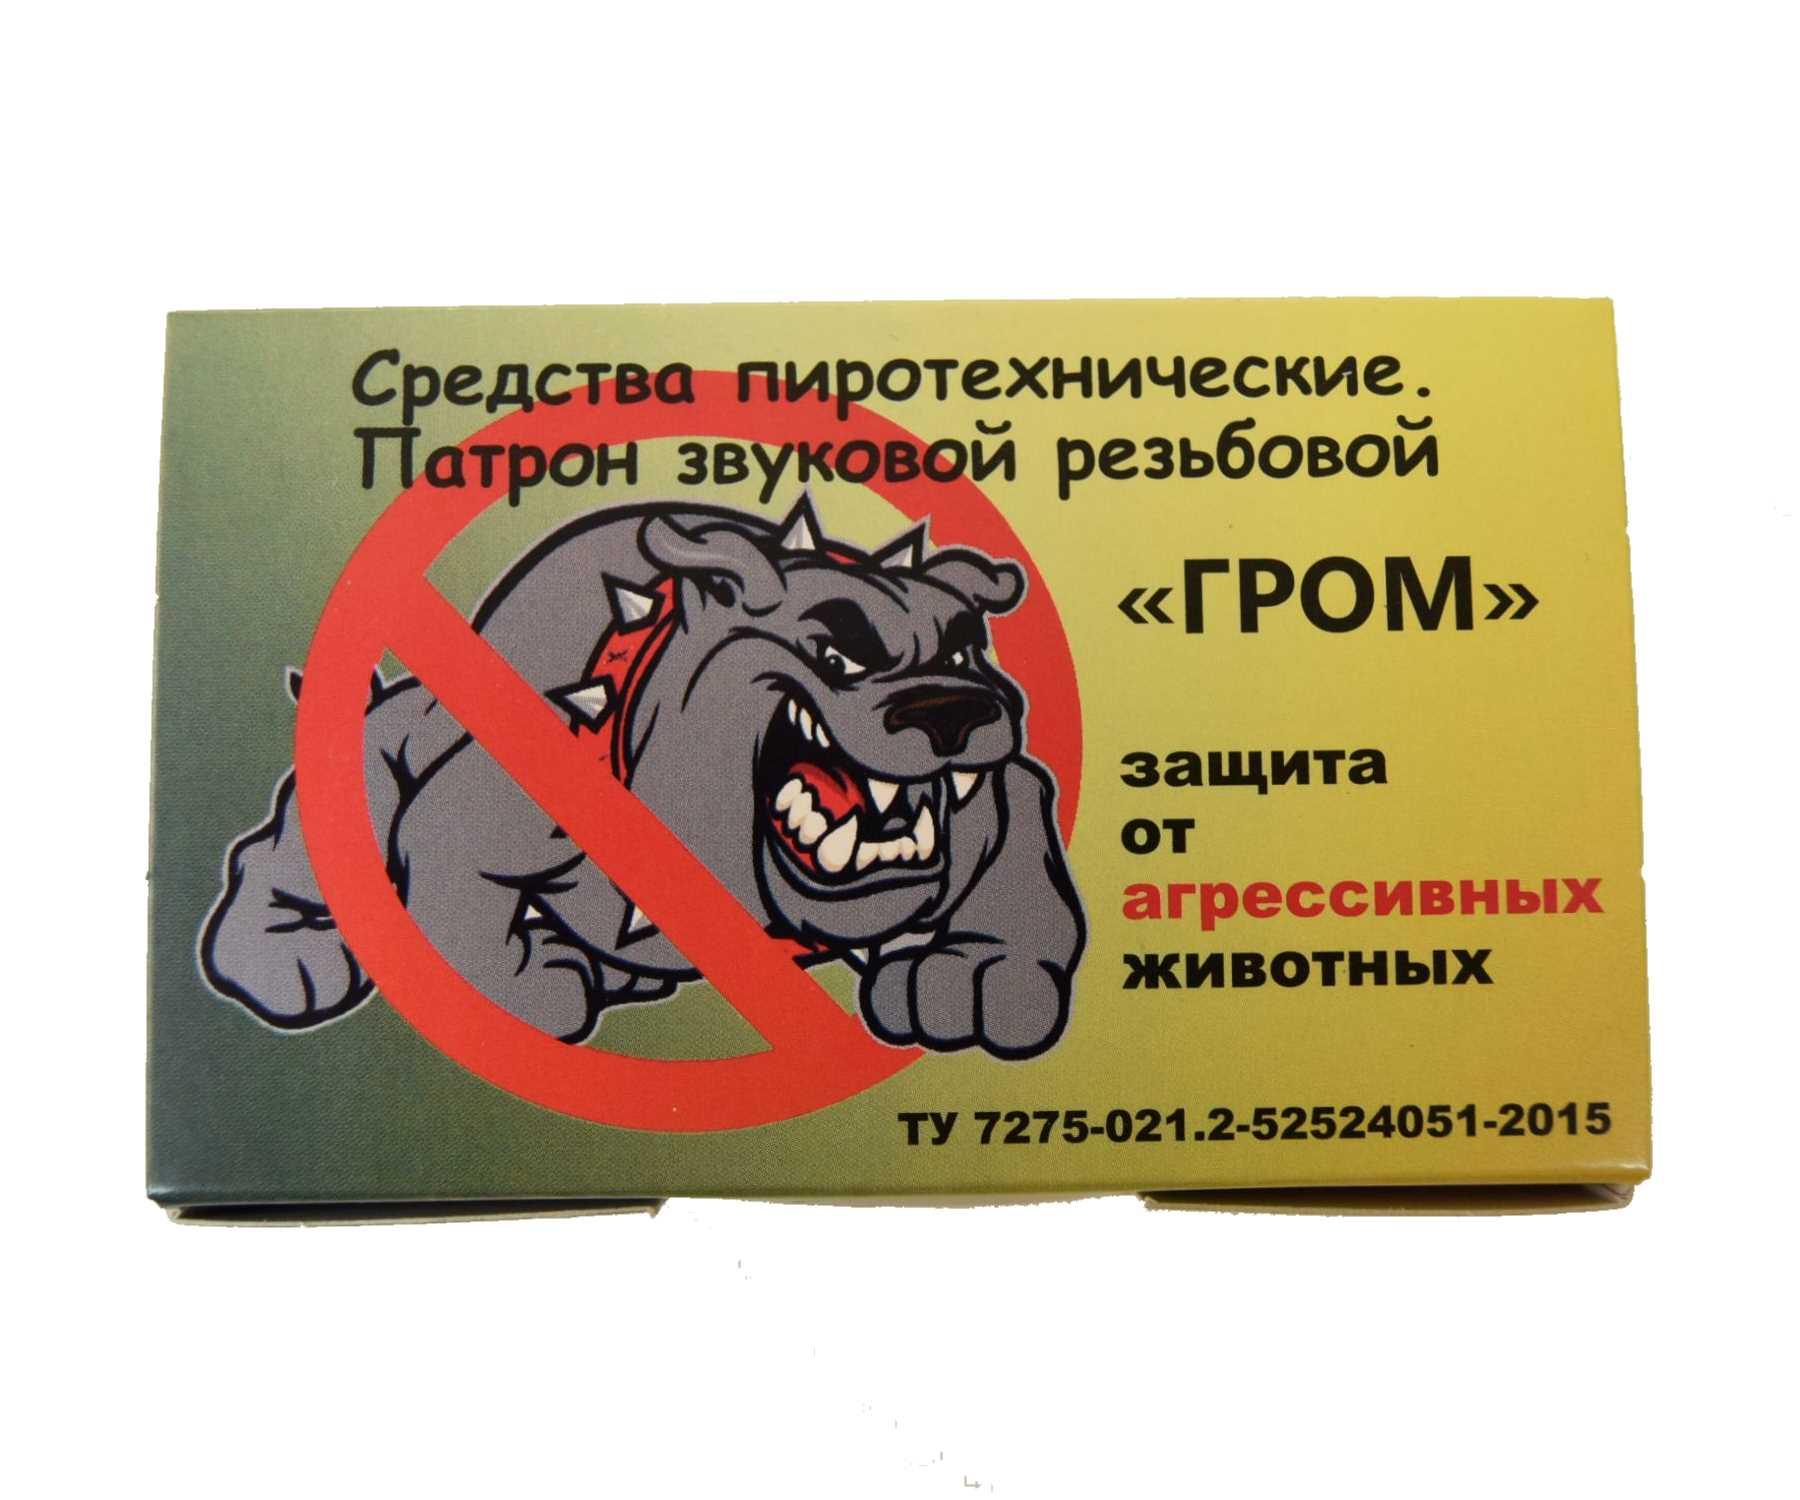 Патрон звуковой резьбовой «Гром», 15 штук купить! Цена в Москве, СПБ